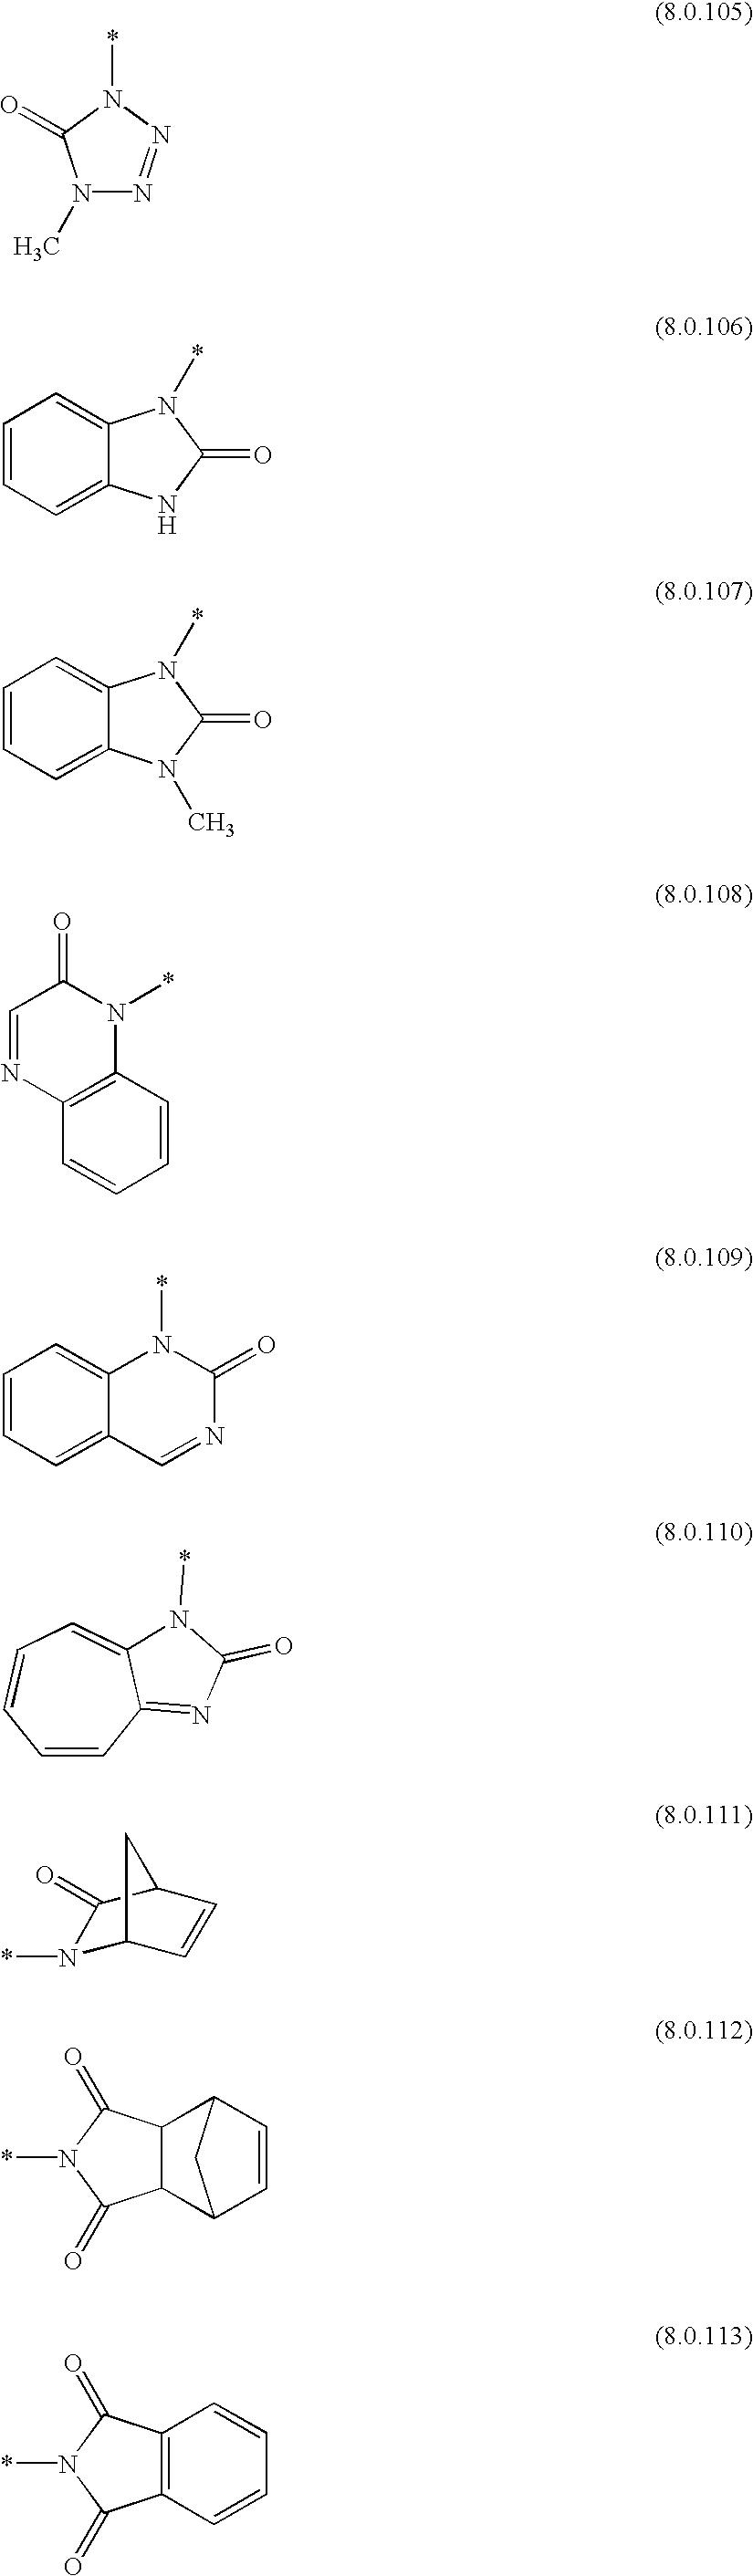 Figure US20030186974A1-20031002-C00216